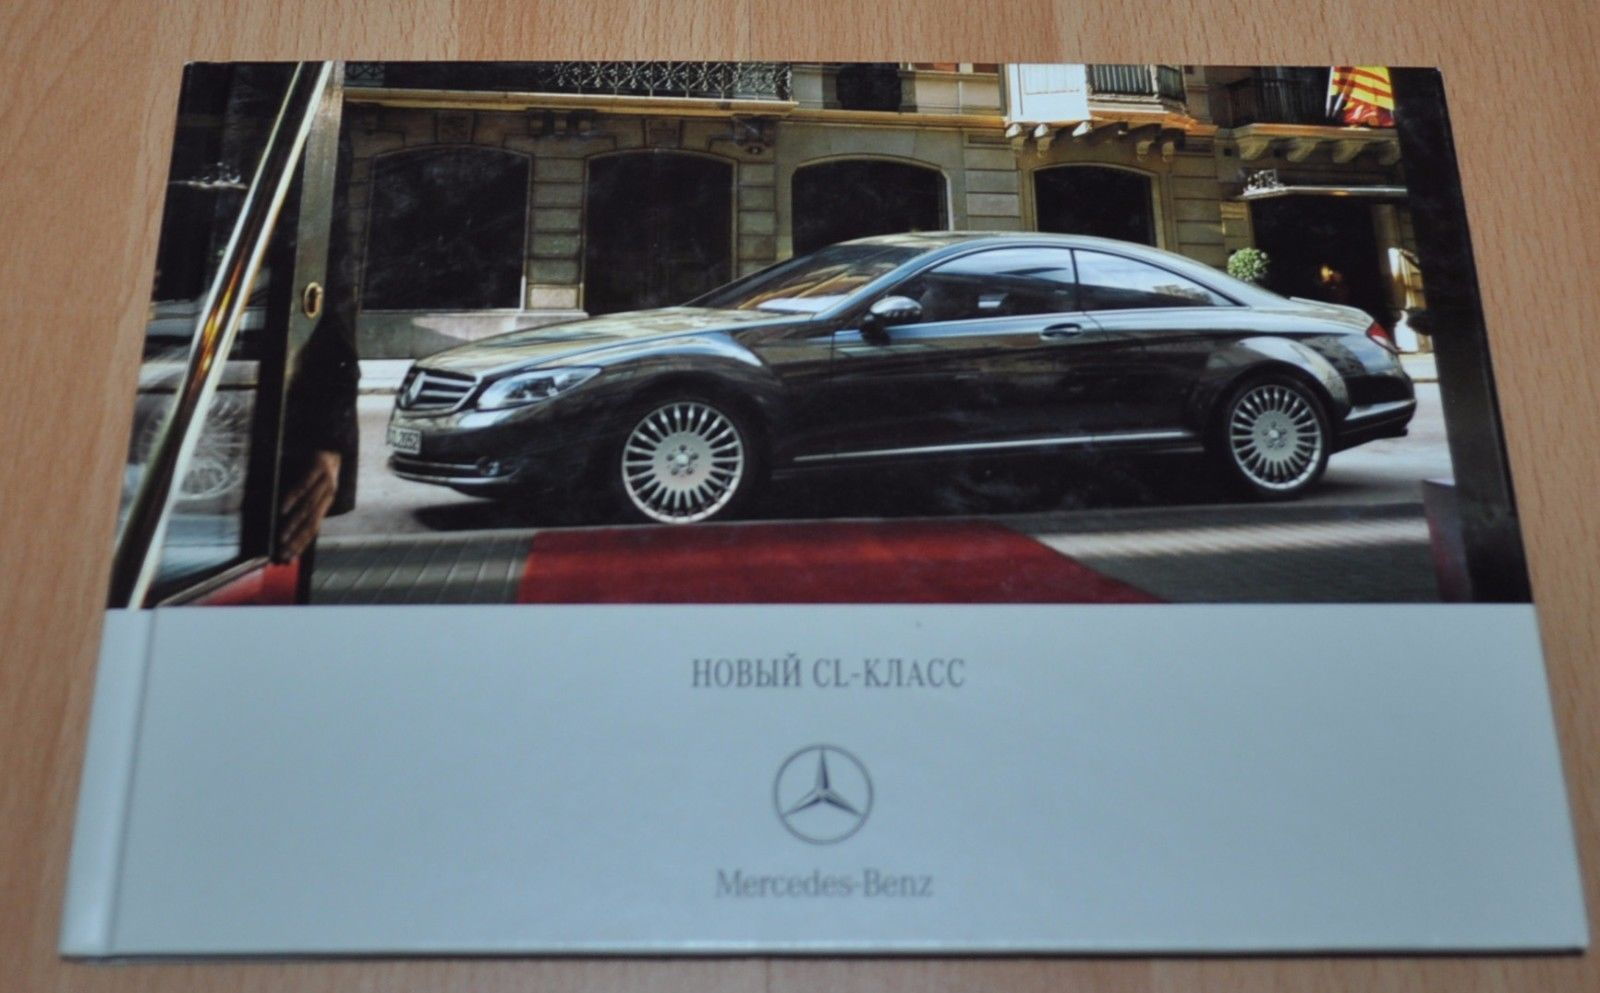 MERCEDES CLASSE C Limousine /& T-Modello EDITION C BR 204 prospetto brochure 2013